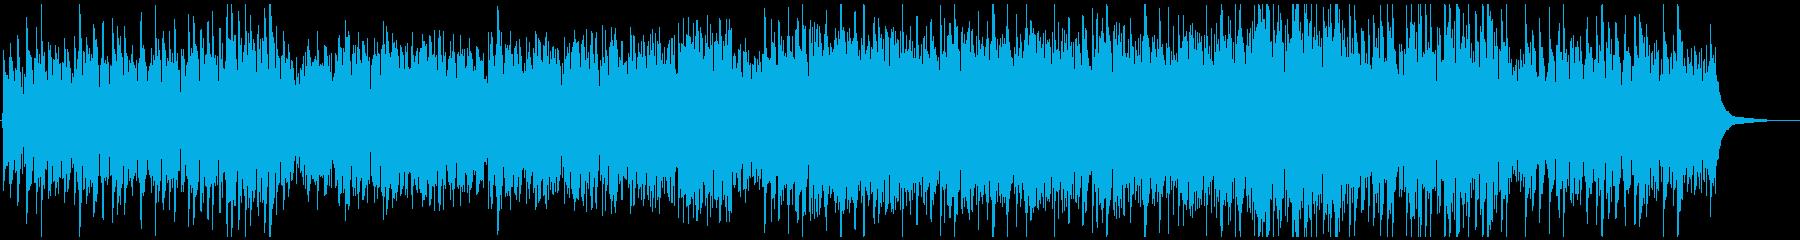 感動ピアノ企業系 壮大ポップで切ないの再生済みの波形